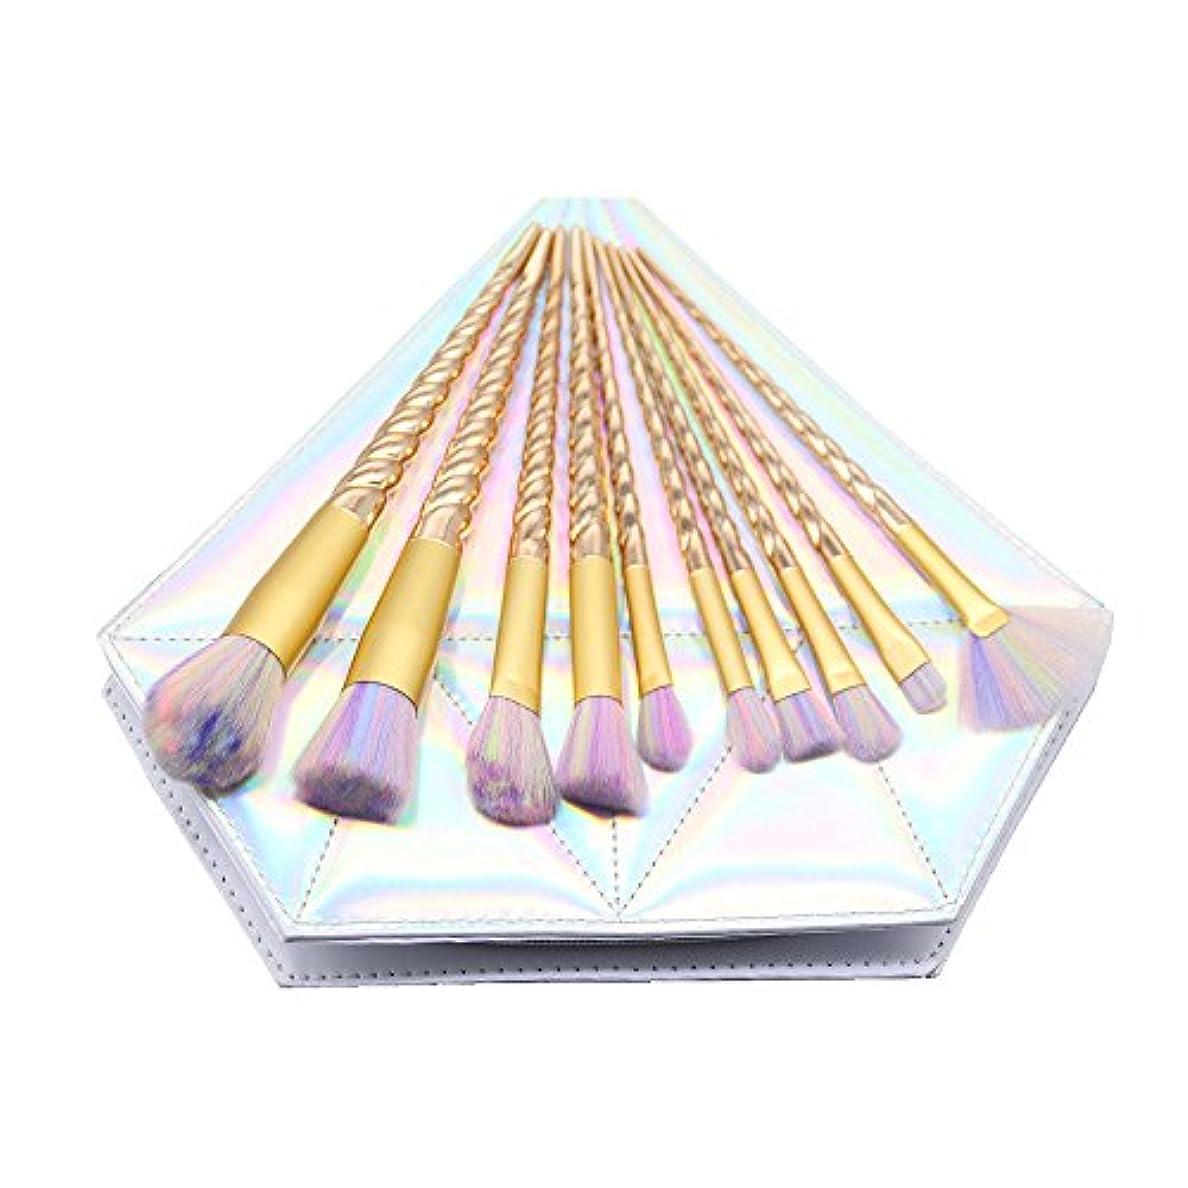 タイト倒錯放課後Dilla Beauty メイクブラシセット 10本セット ユニコーンデザイン プラスチックハンドル 合成毛 ファンデーションブラシ アイシャドーブラッシャー 美容ツール 化粧品のバッグ付き